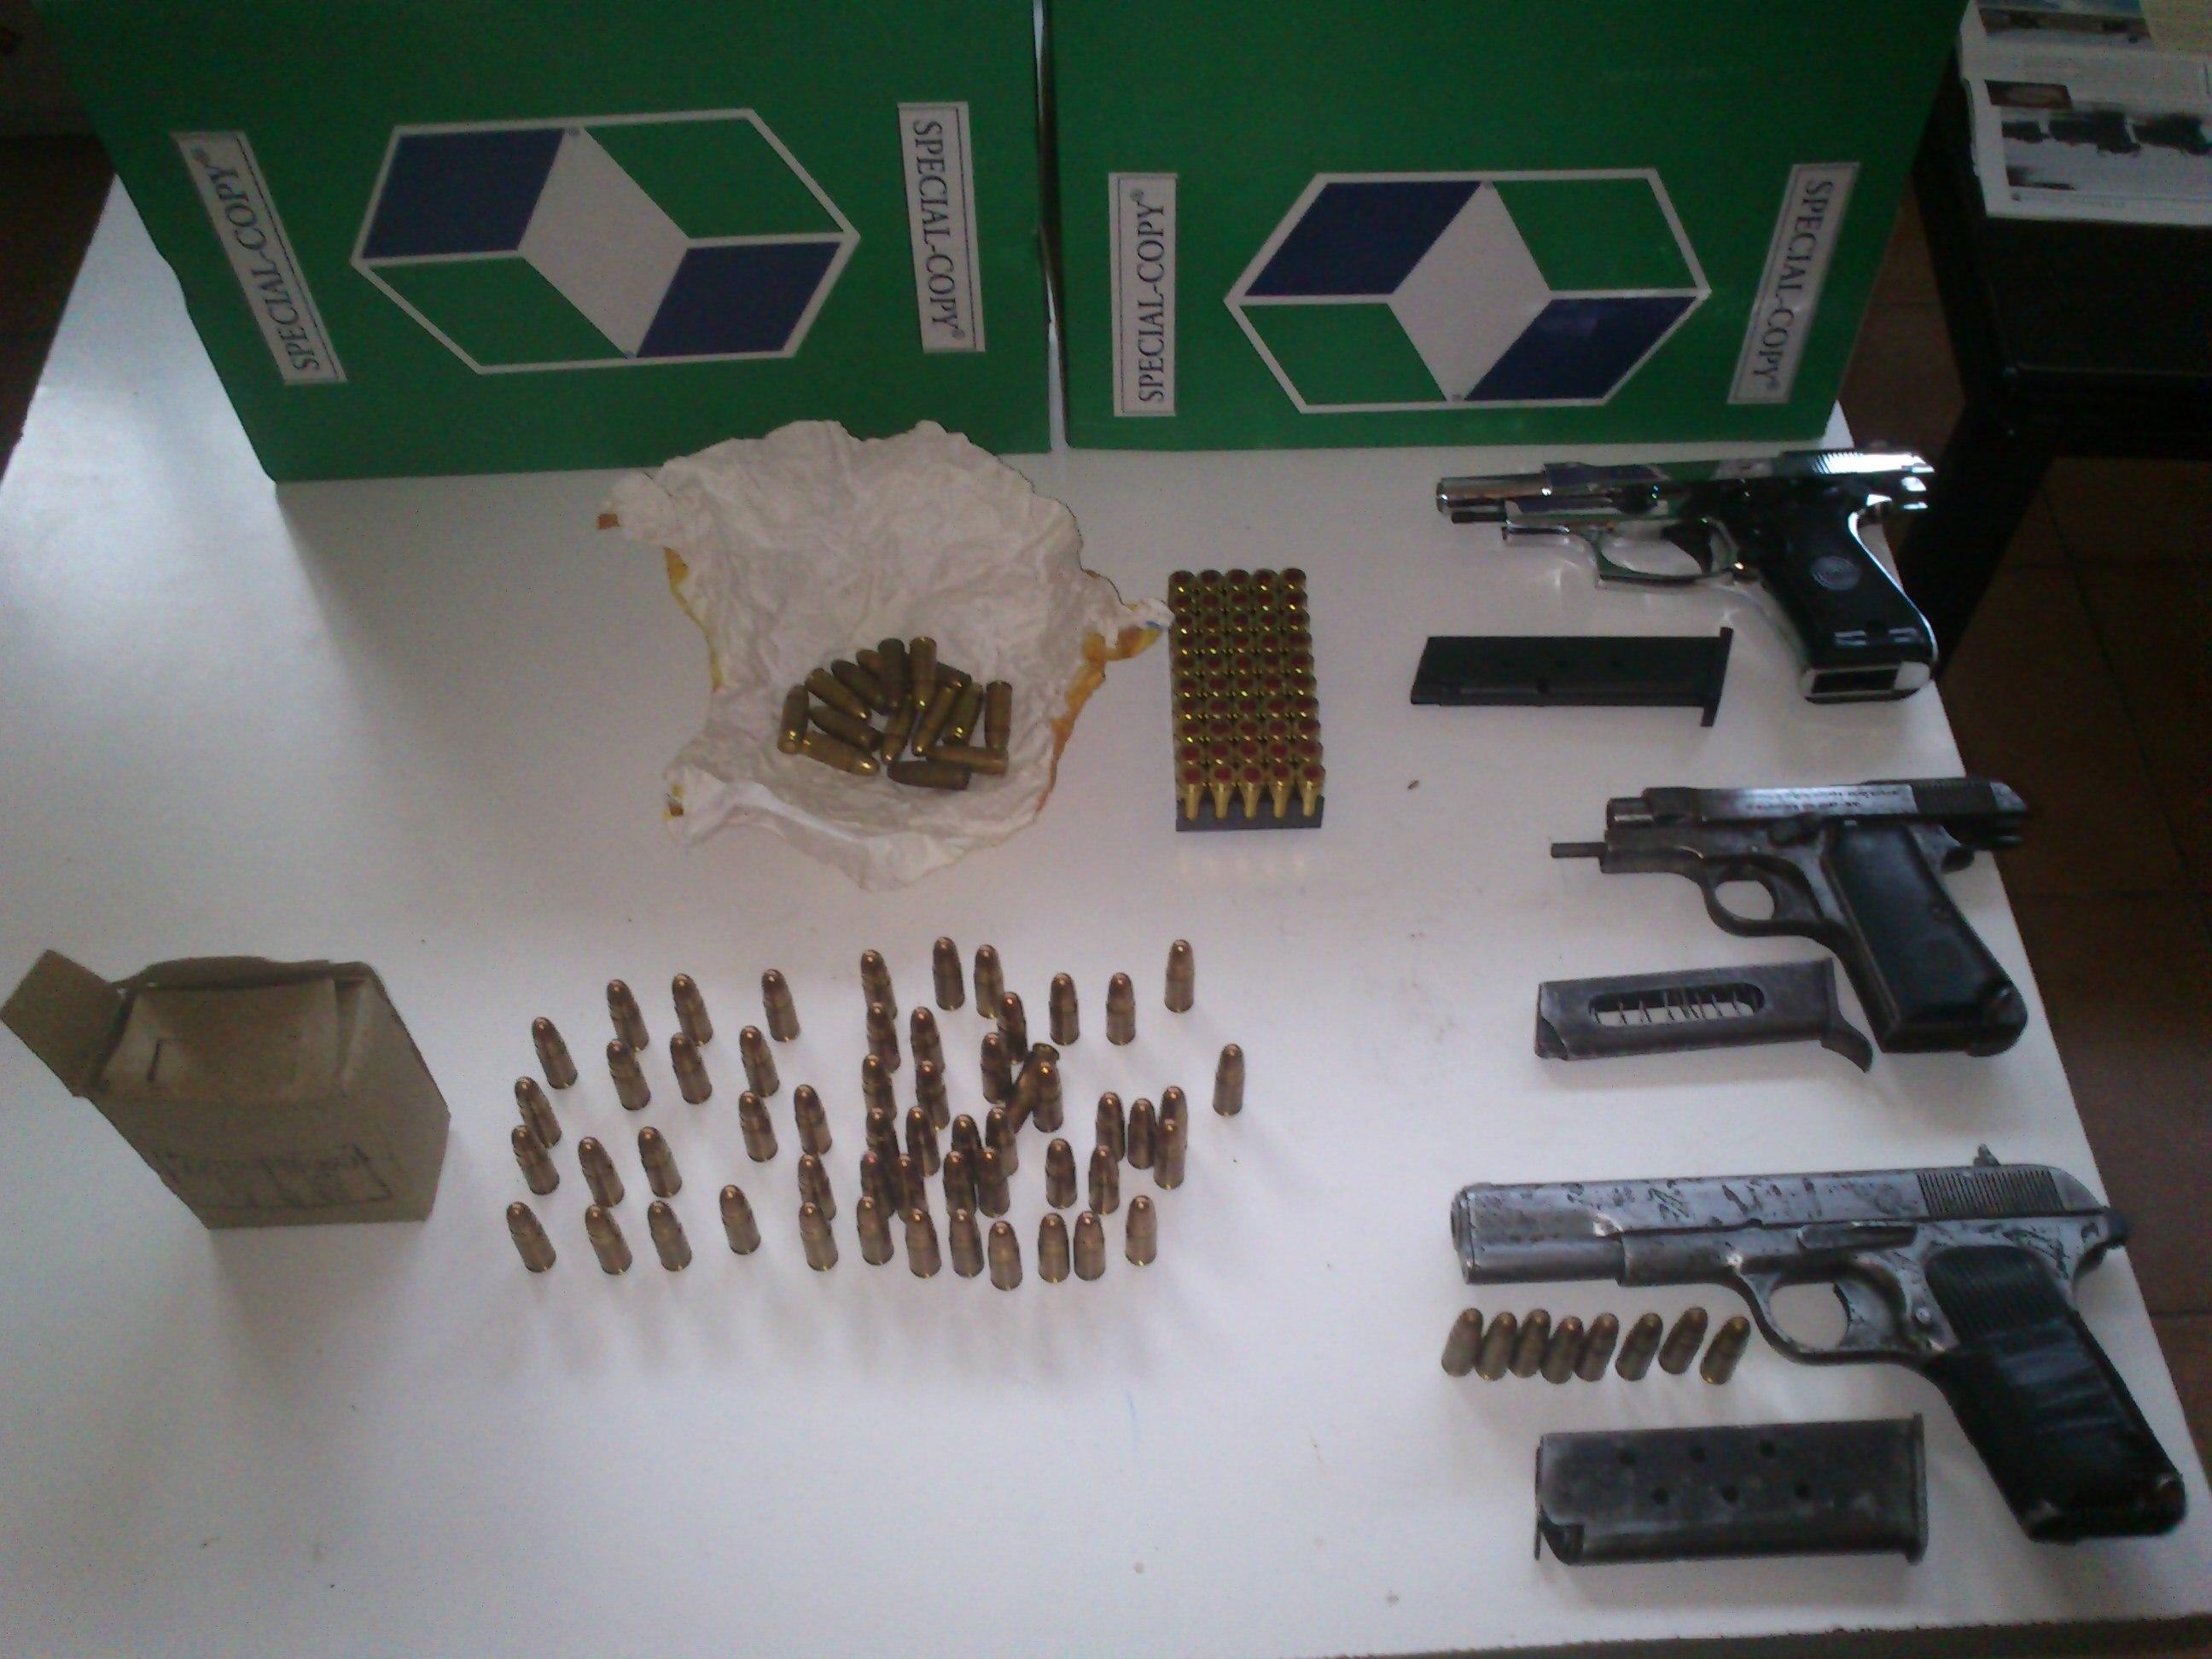 Φλώρινα: Στα χέρια της αστυνομίας 46χρονος με τρία πιστόλια και 128 φυσίγγια